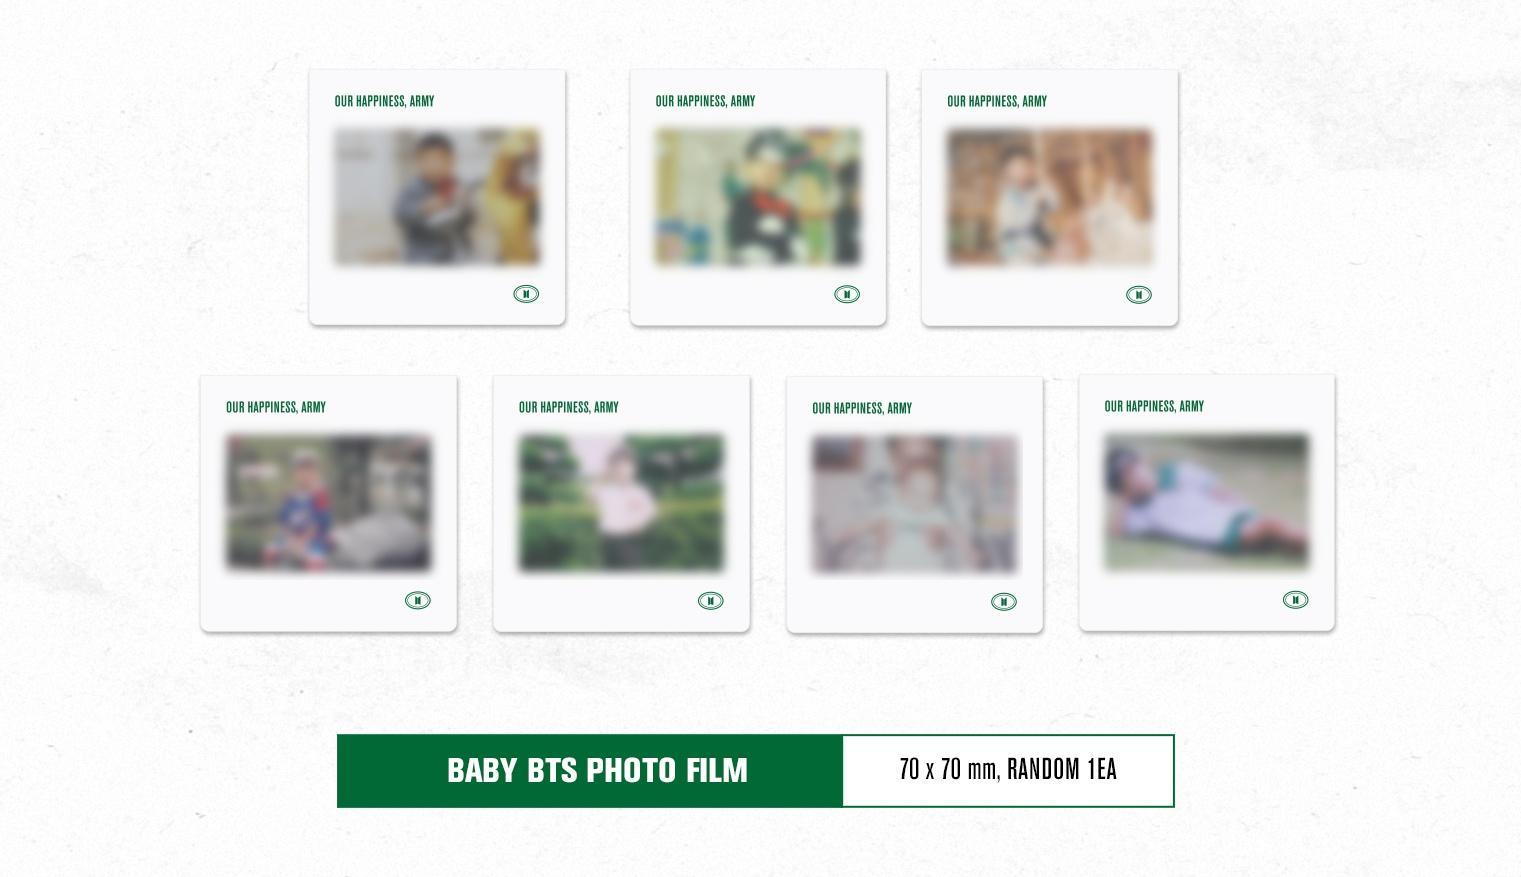 5babyBTSphotofilm